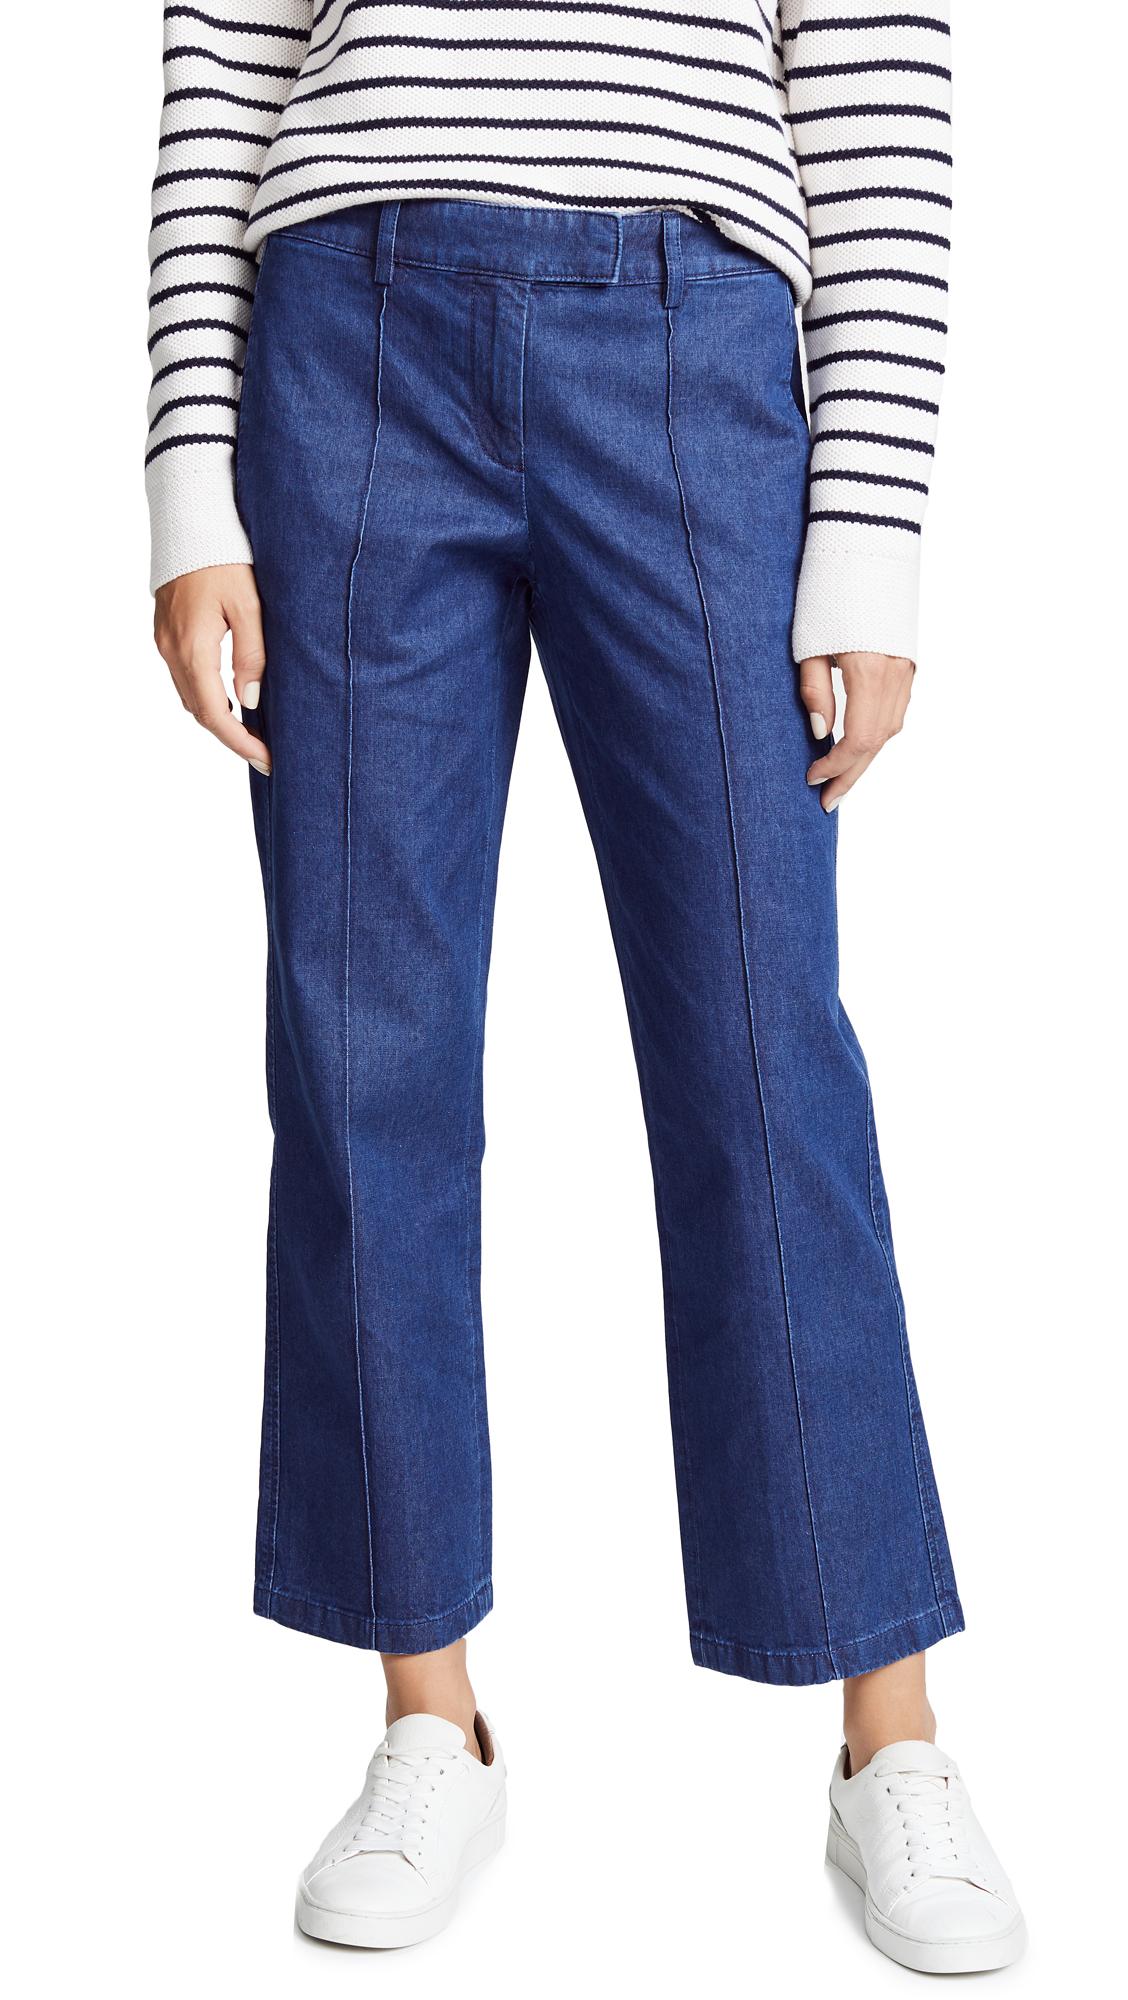 A.P.C. Cooper Pants In Indigo